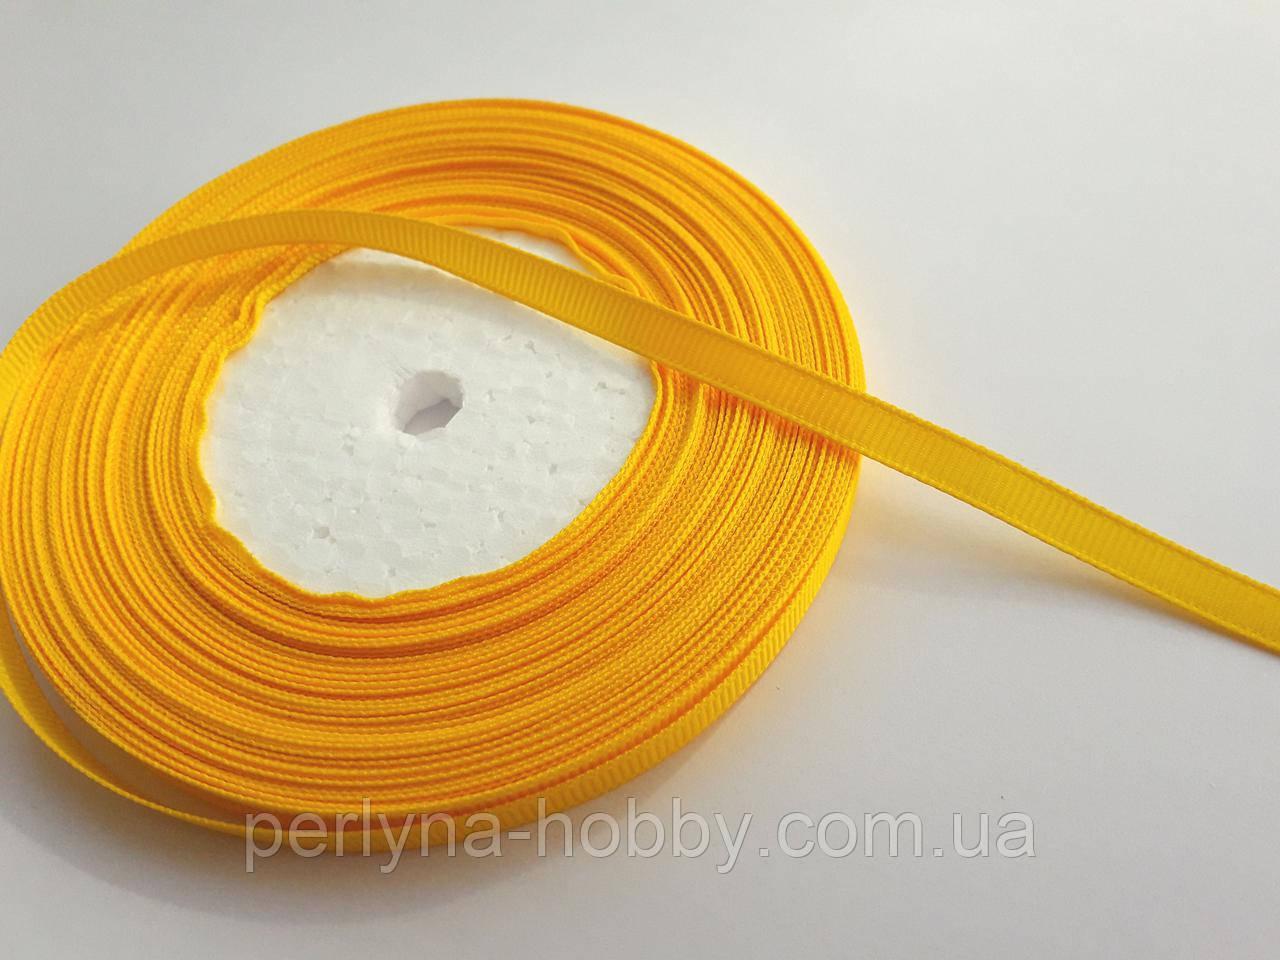 Стрічка репсова 6мм ( 22 метри в рулоні) жовто-гаряча